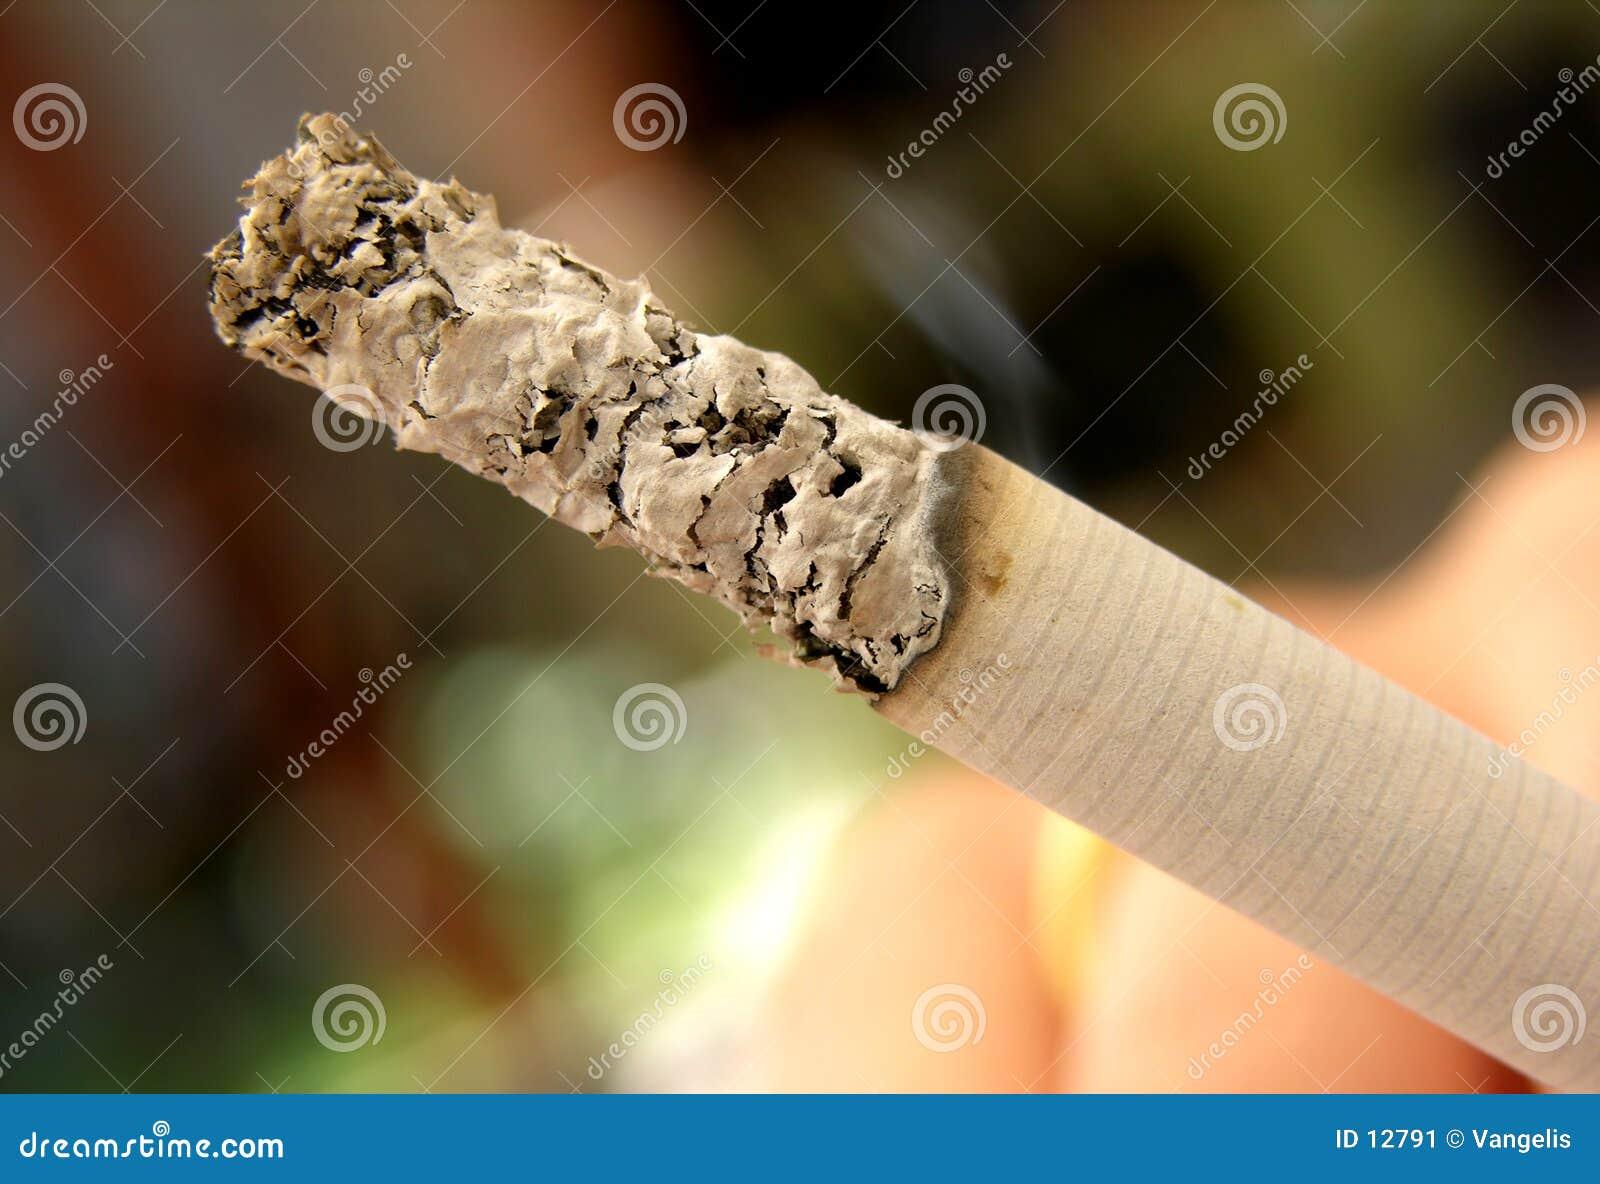 Ceniza de cigarrillo